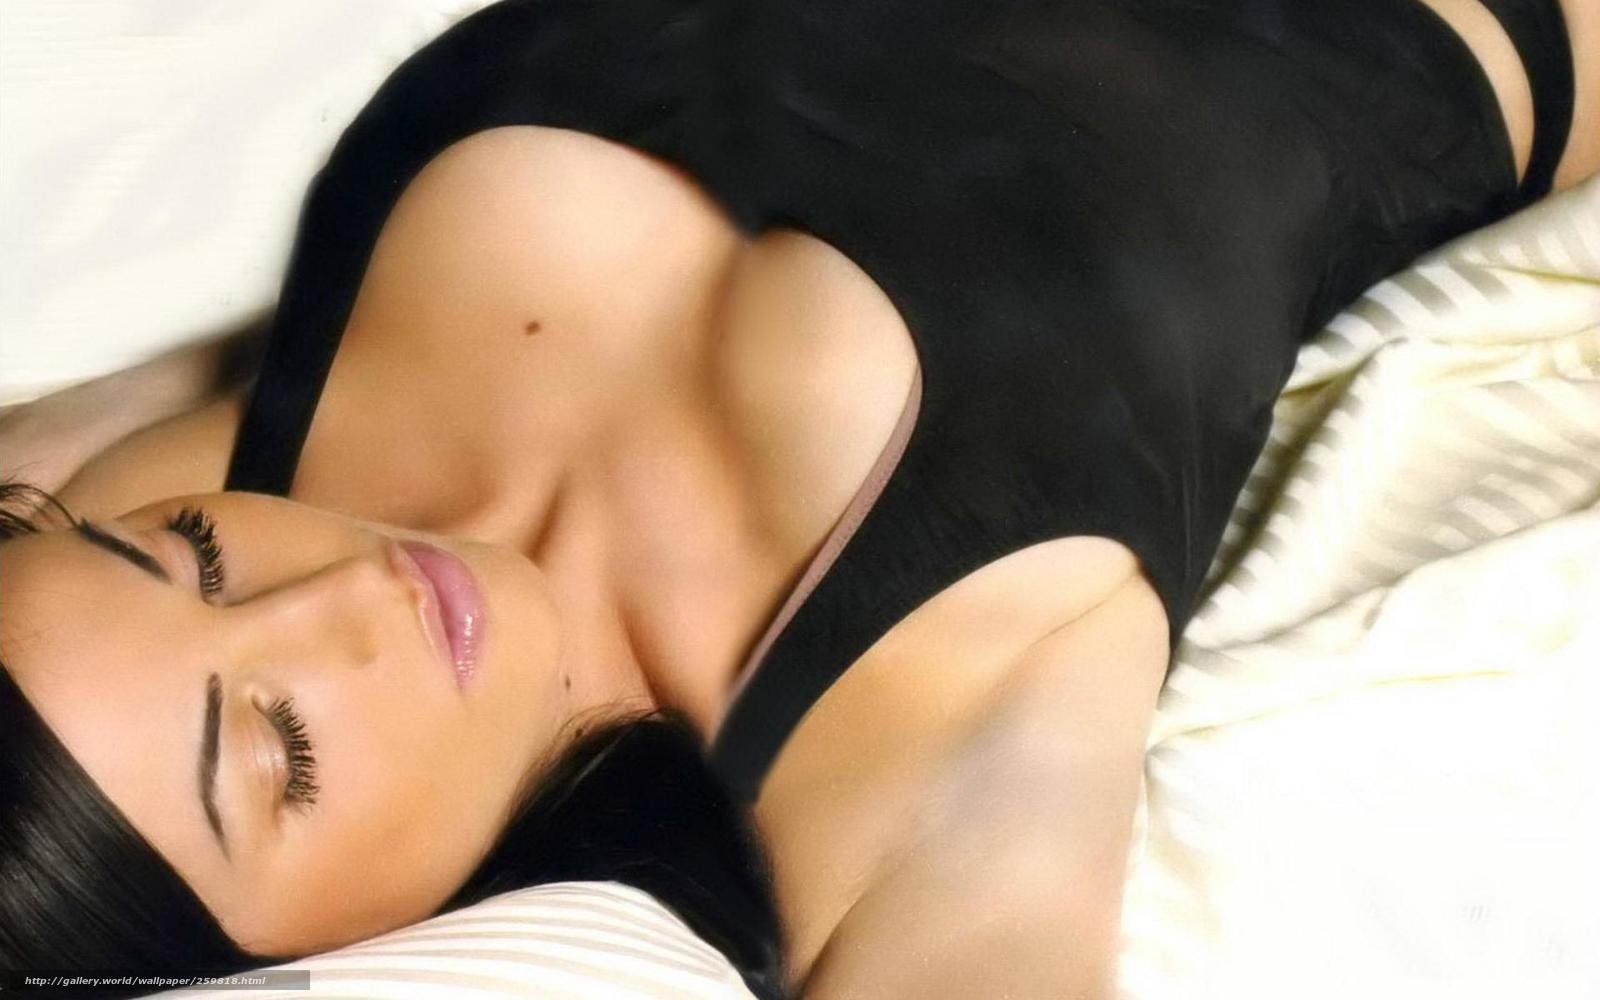 Фото эро секс девочи красивые 22 фотография